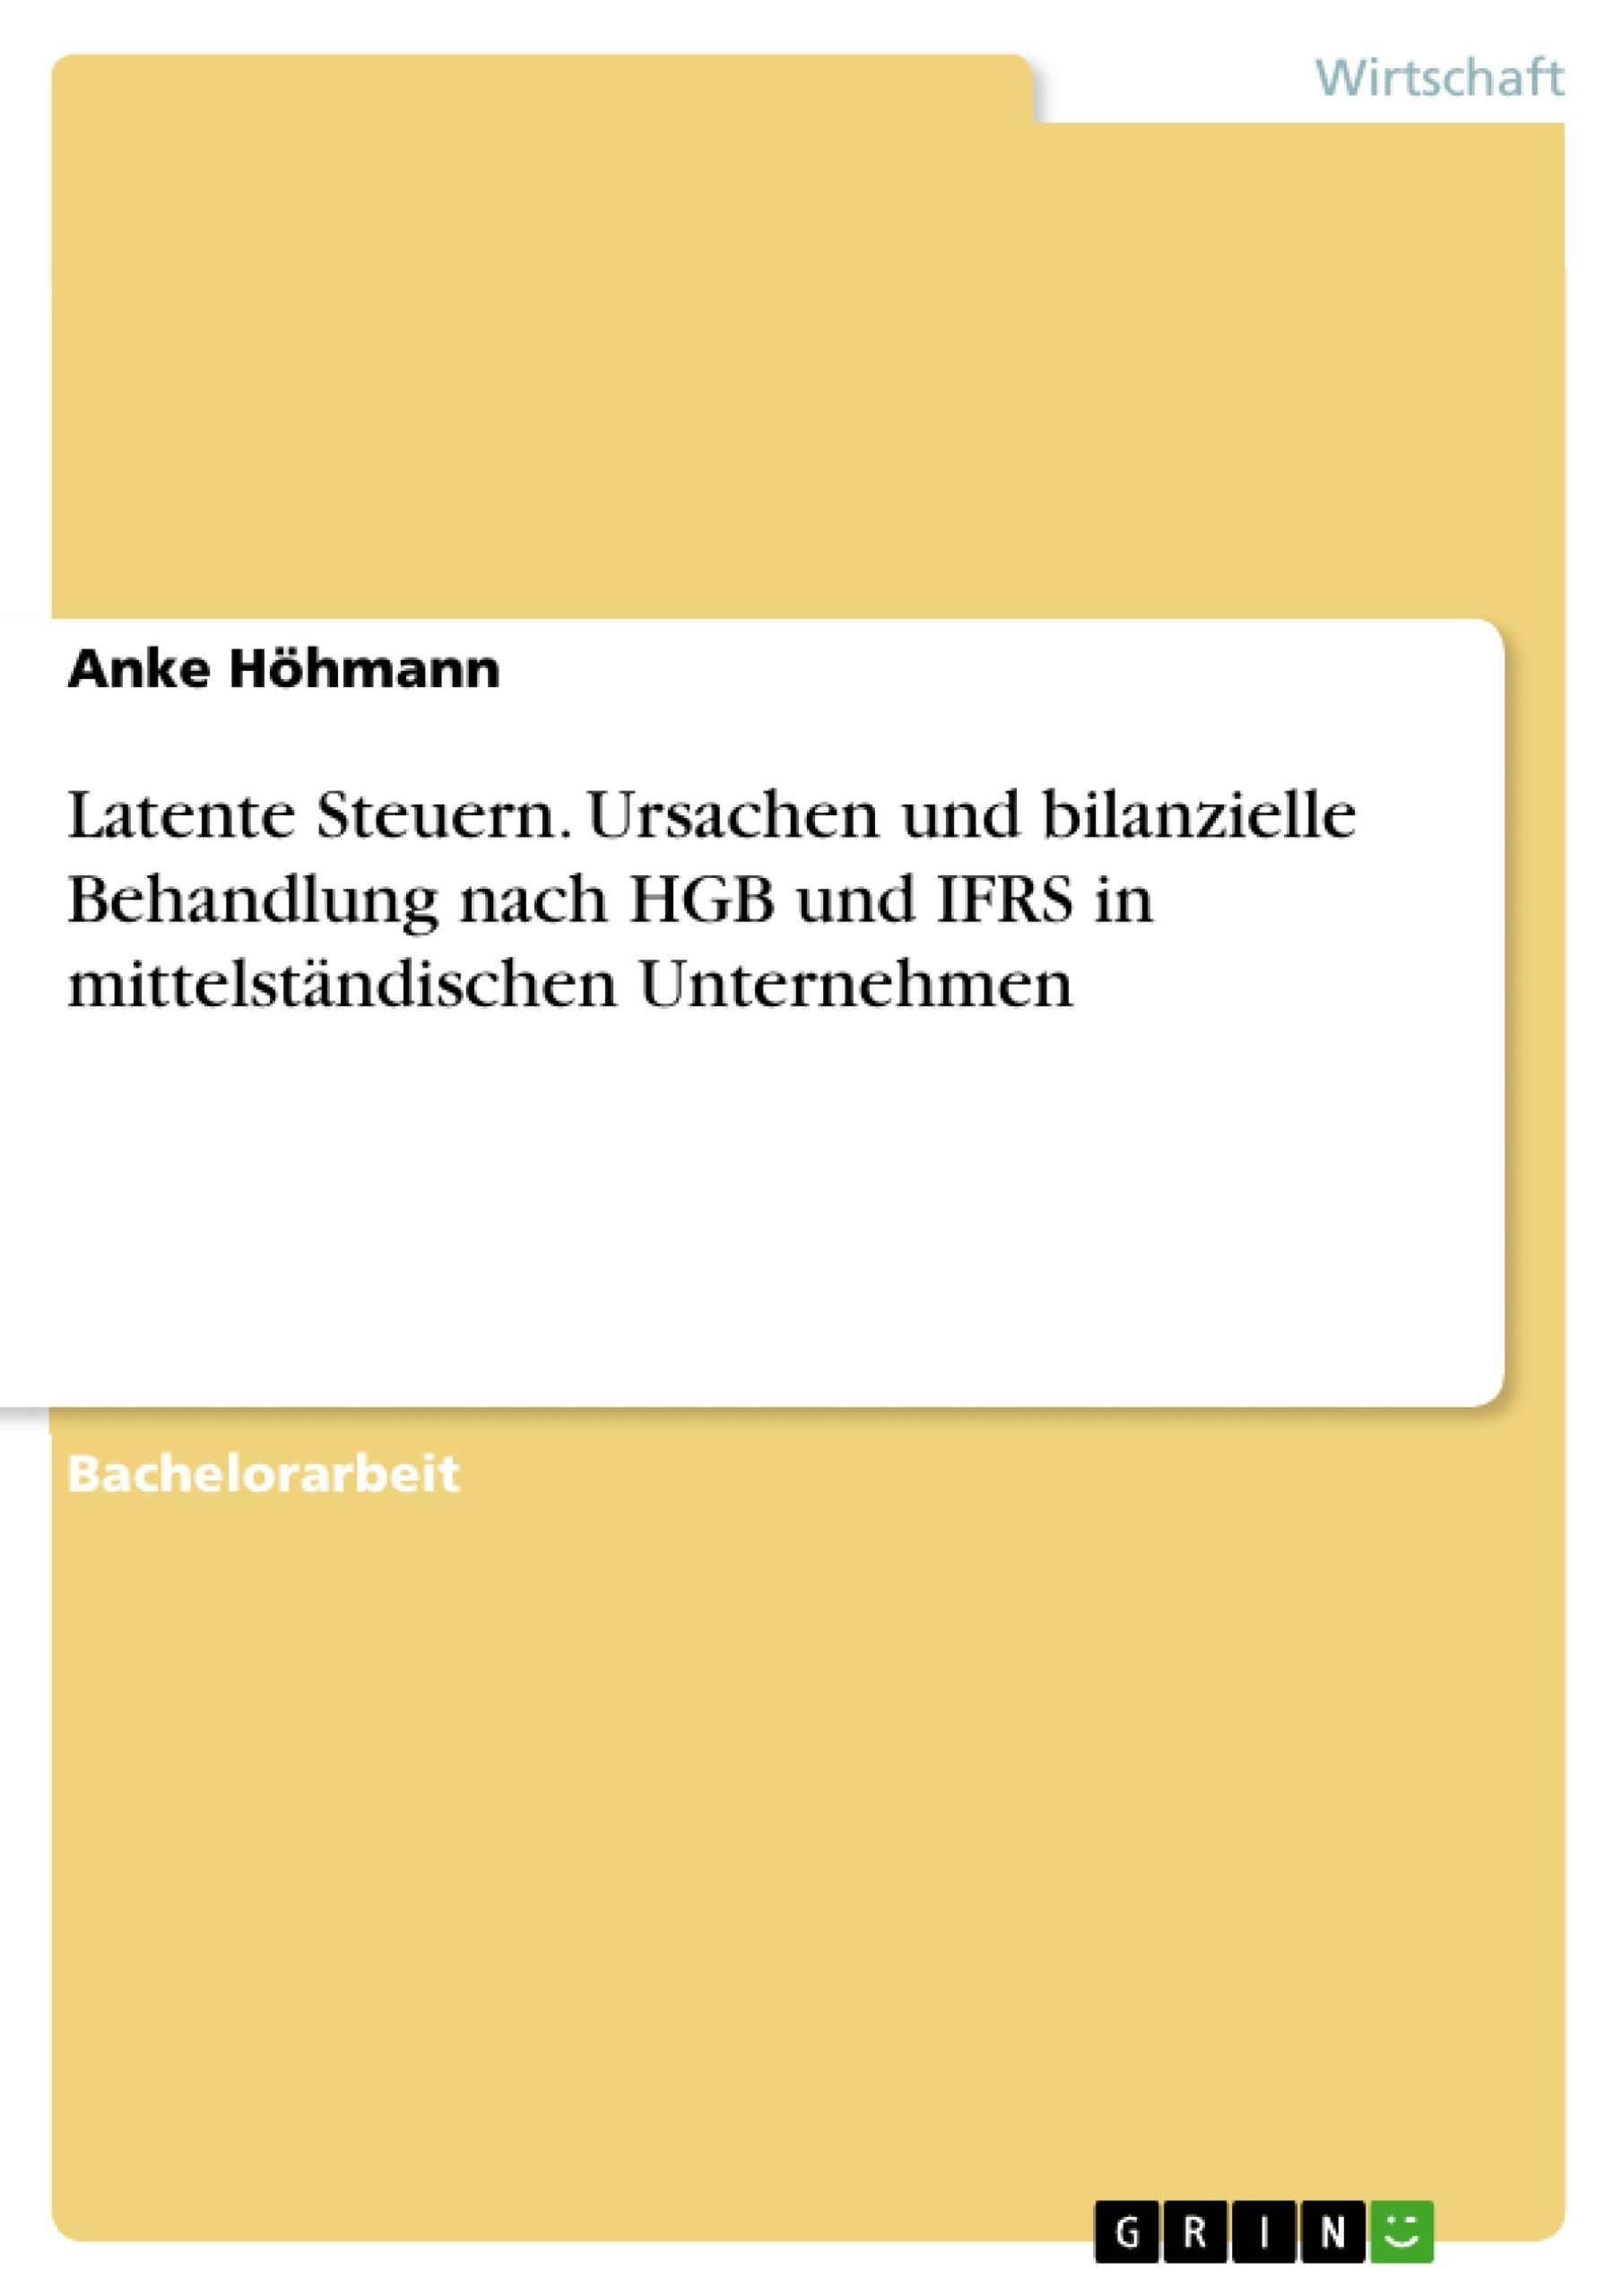 Titel: Latente Steuern. Ursachen und bilanzielle Behandlung nach HGB und IFRS in mittelständischen Unternehmen